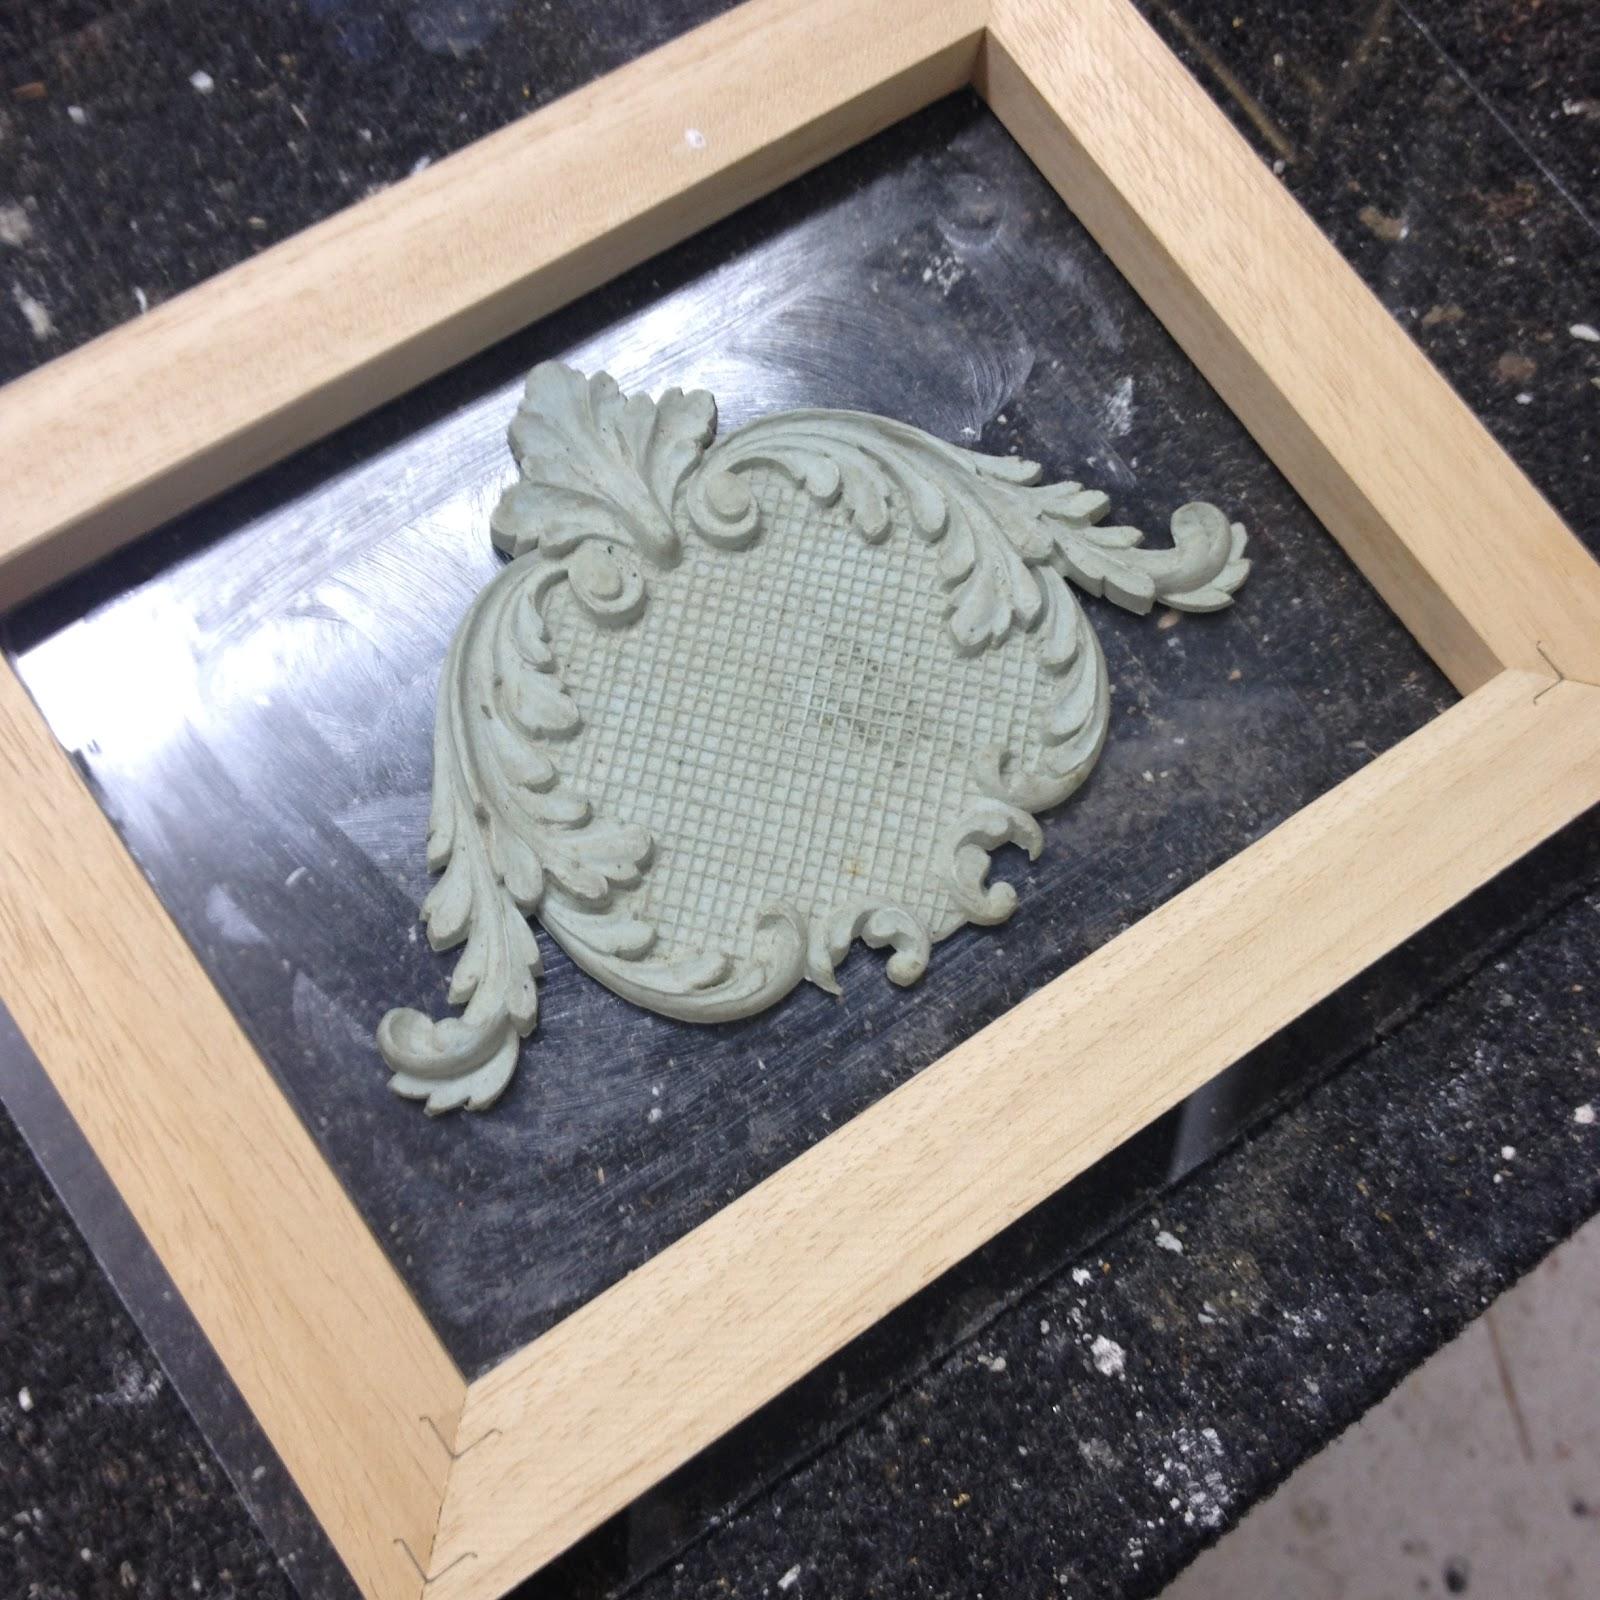 Framemaker making a hard plaster mould